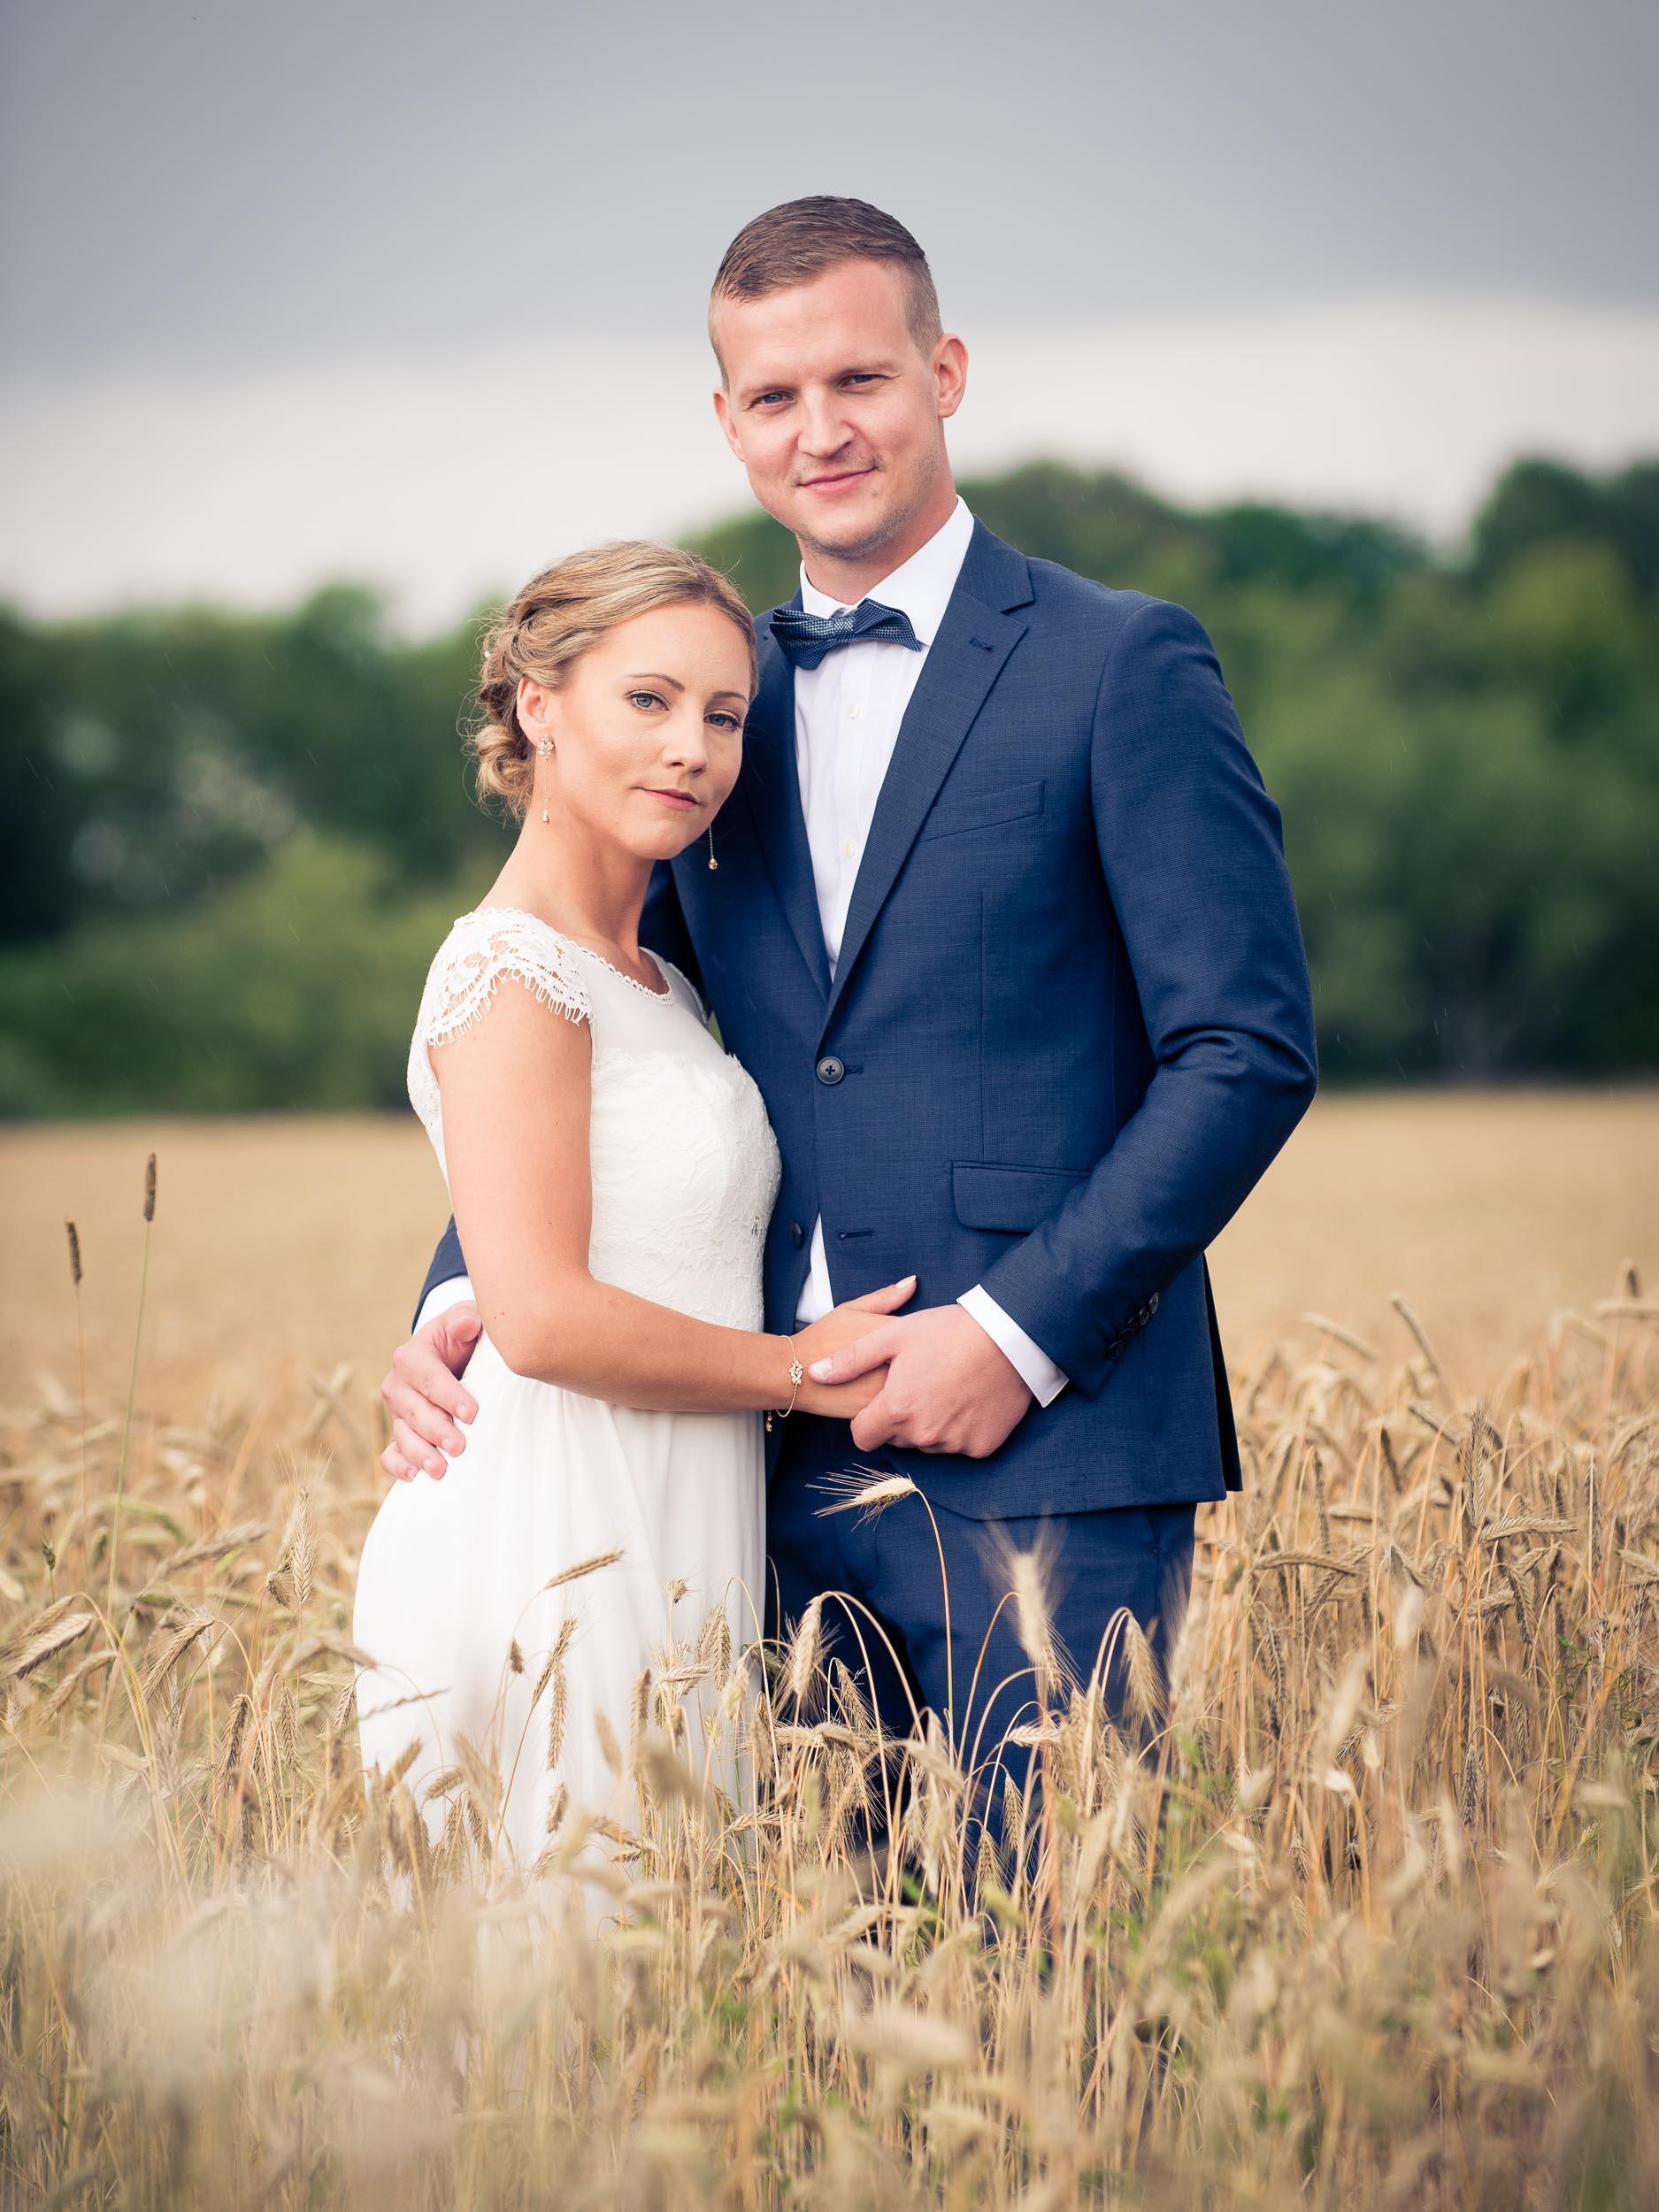 bröllopsfoto-Hässleholm-aug17-4.jpg